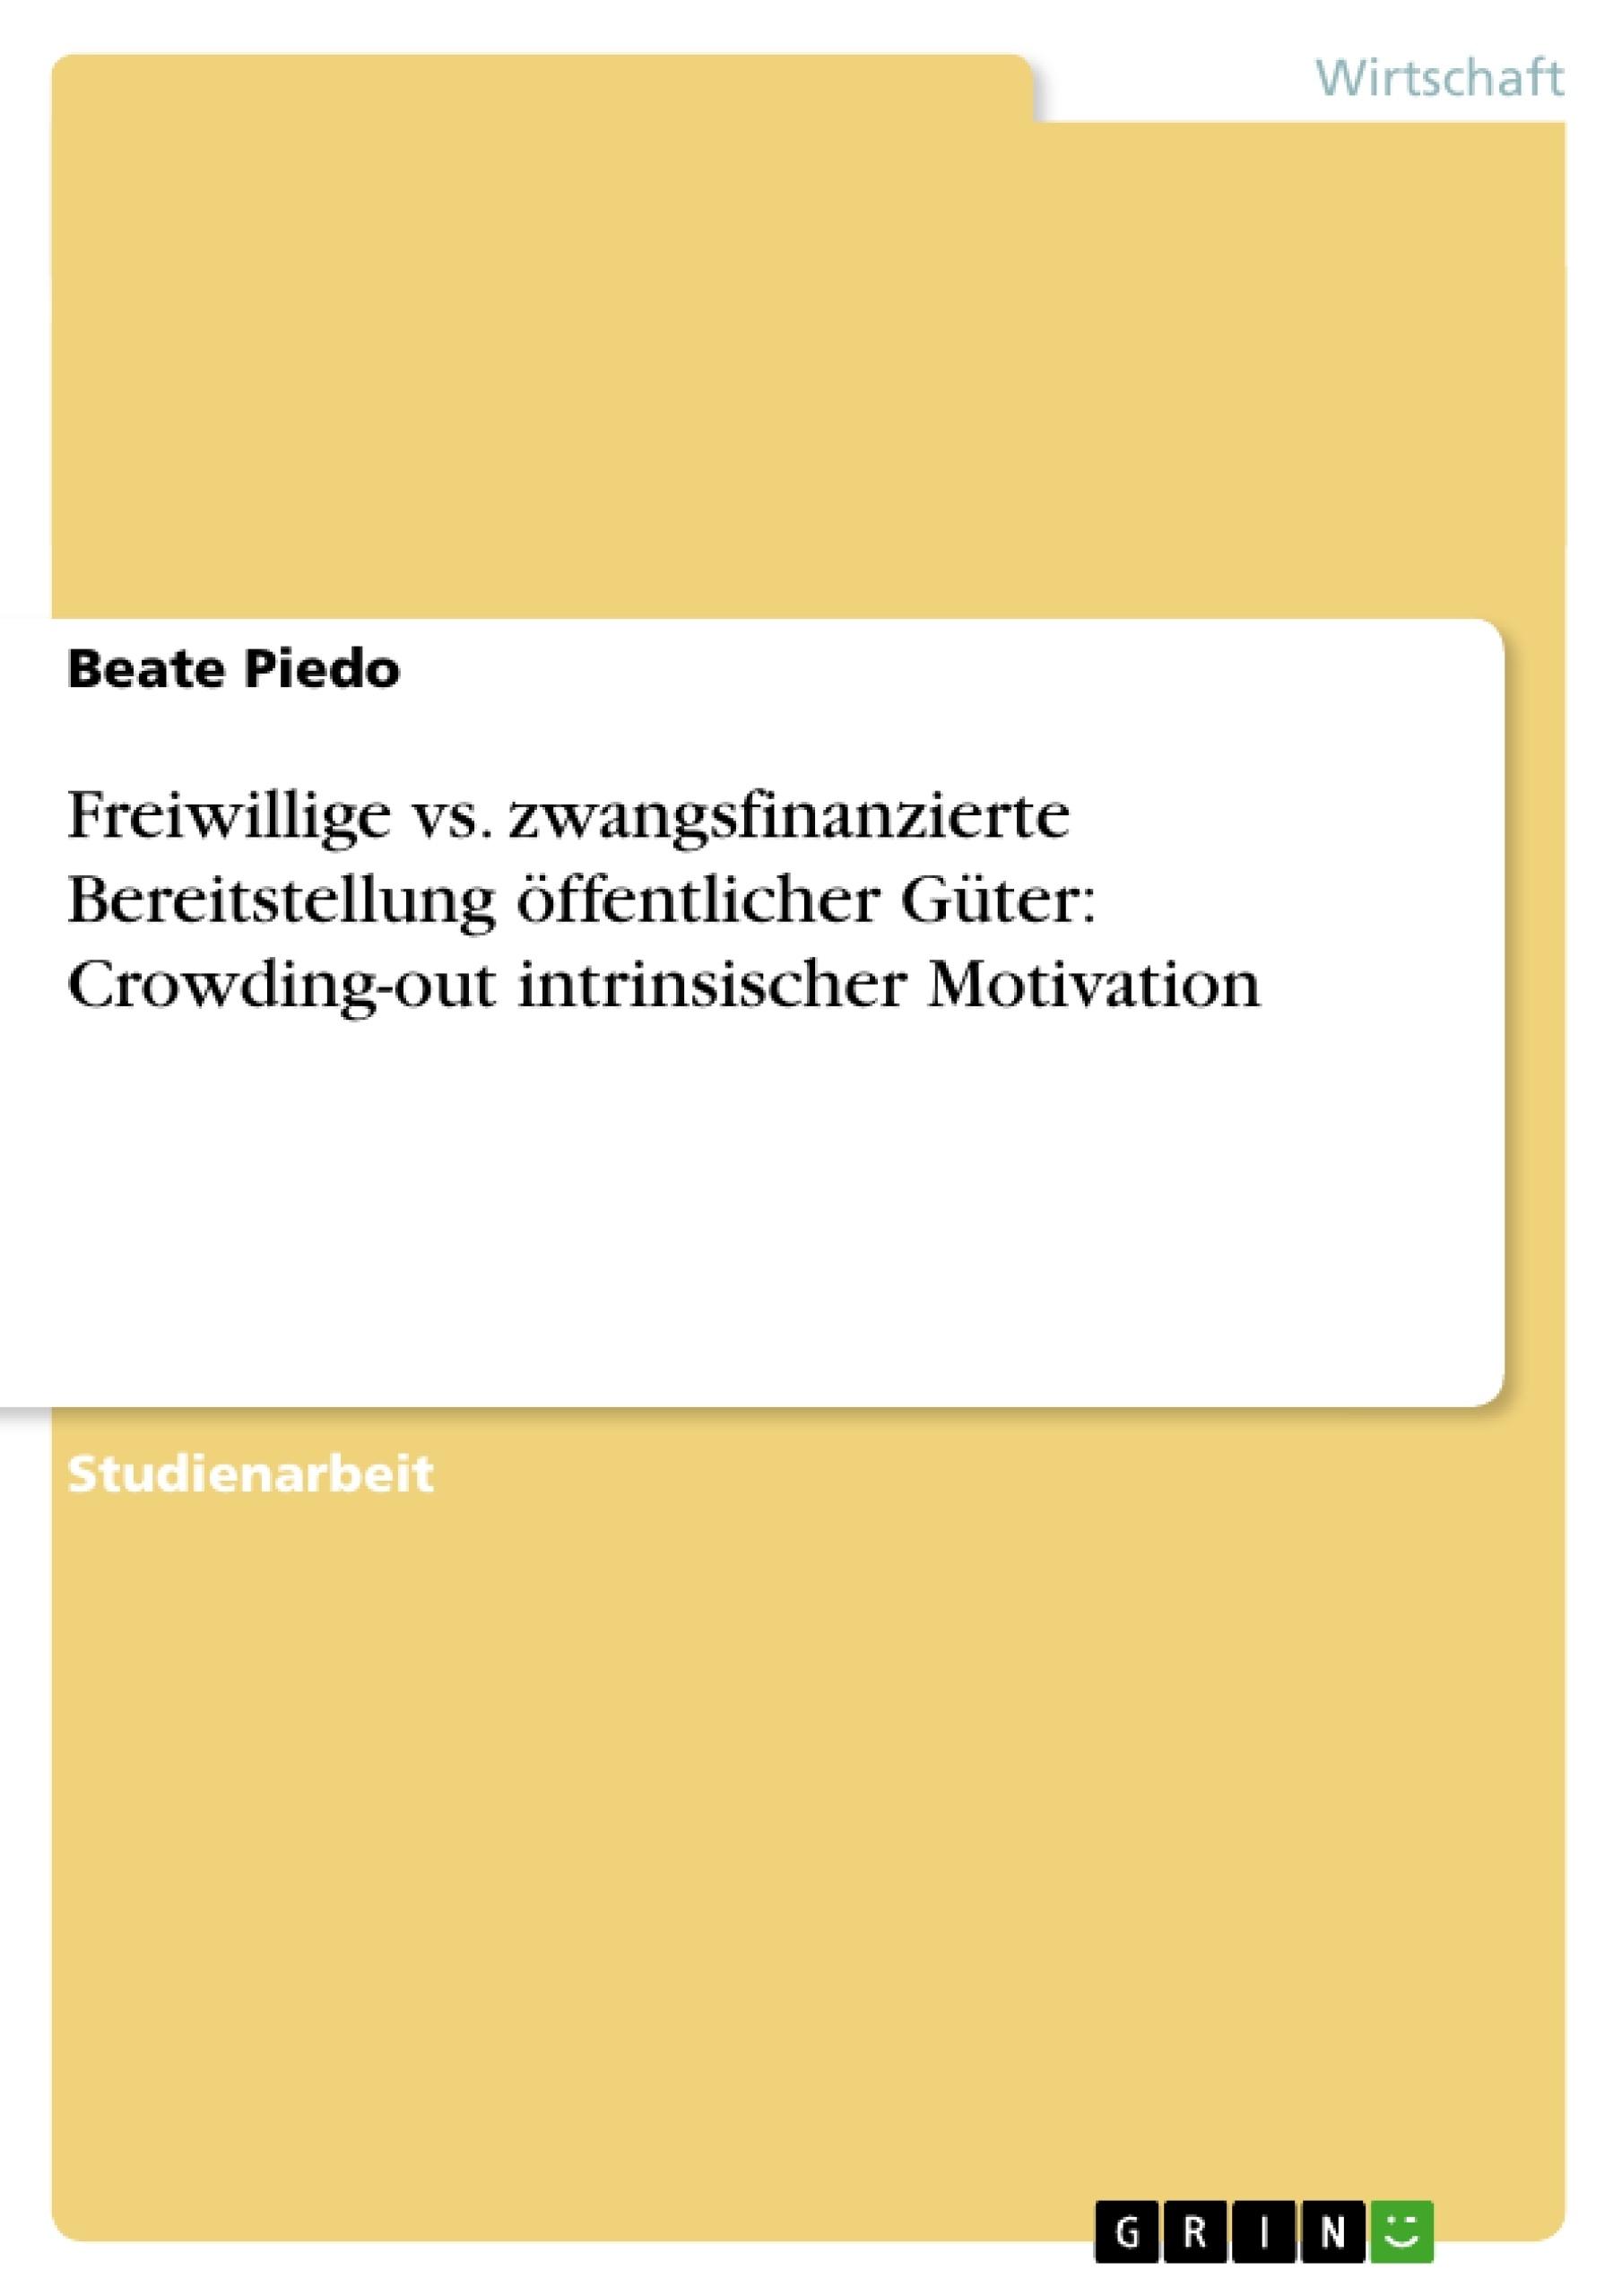 Titel: Freiwillige vs. zwangsfinanzierte Bereitstellung öffentlicher Güter: Crowding-out intrinsischer Motivation